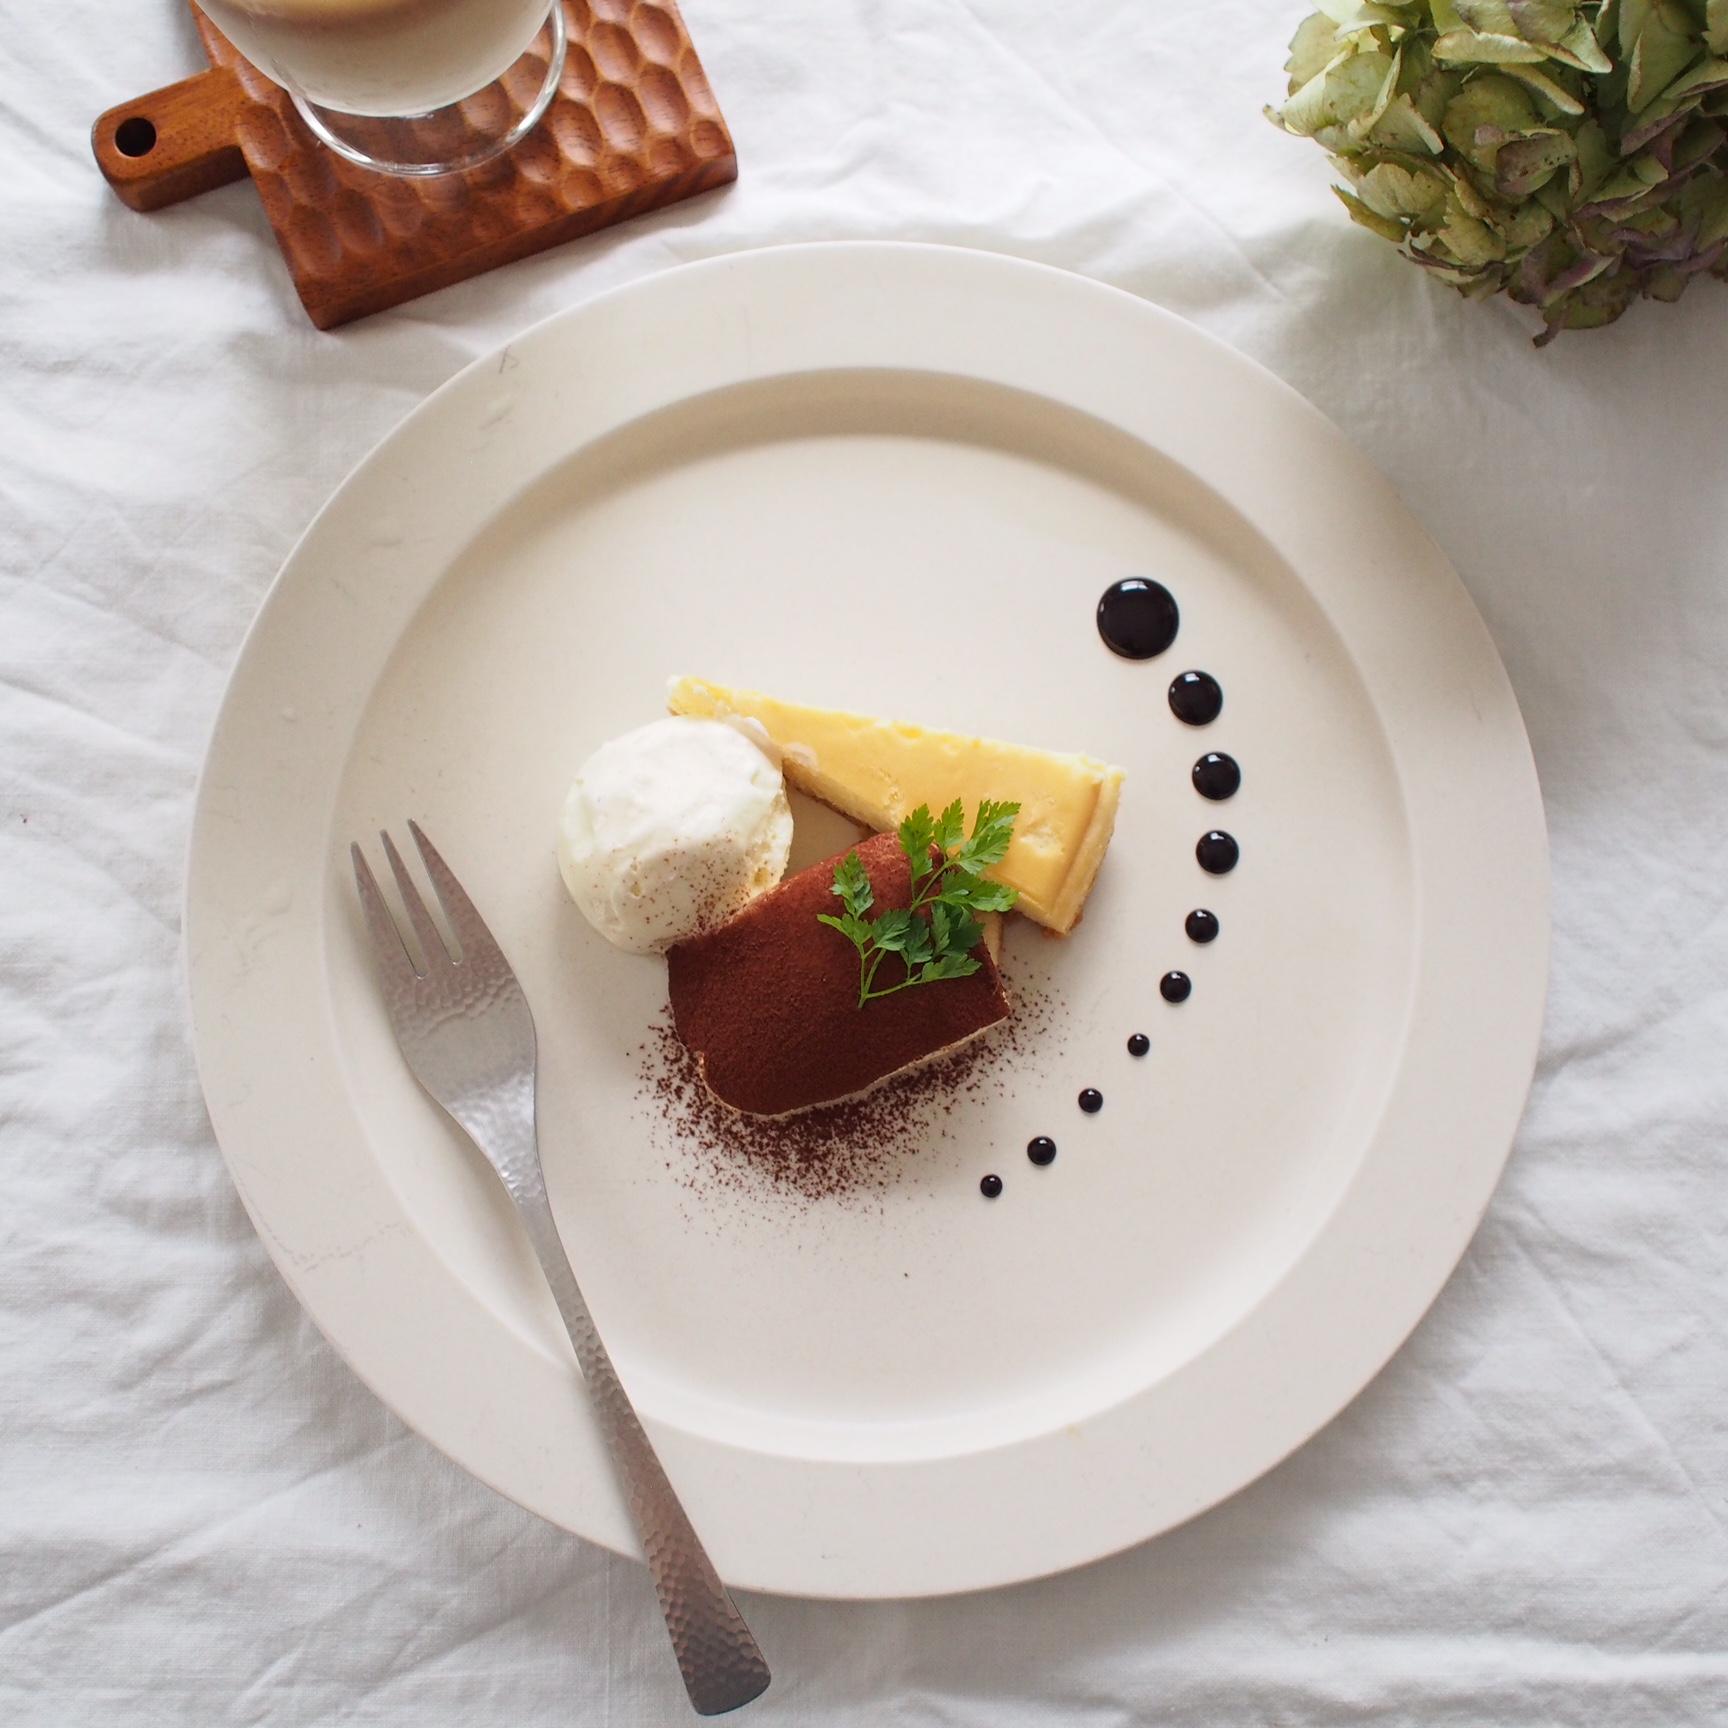 おうちカフェを楽しもうスイーツの盛り付け方コツ2つ 朝時間jp